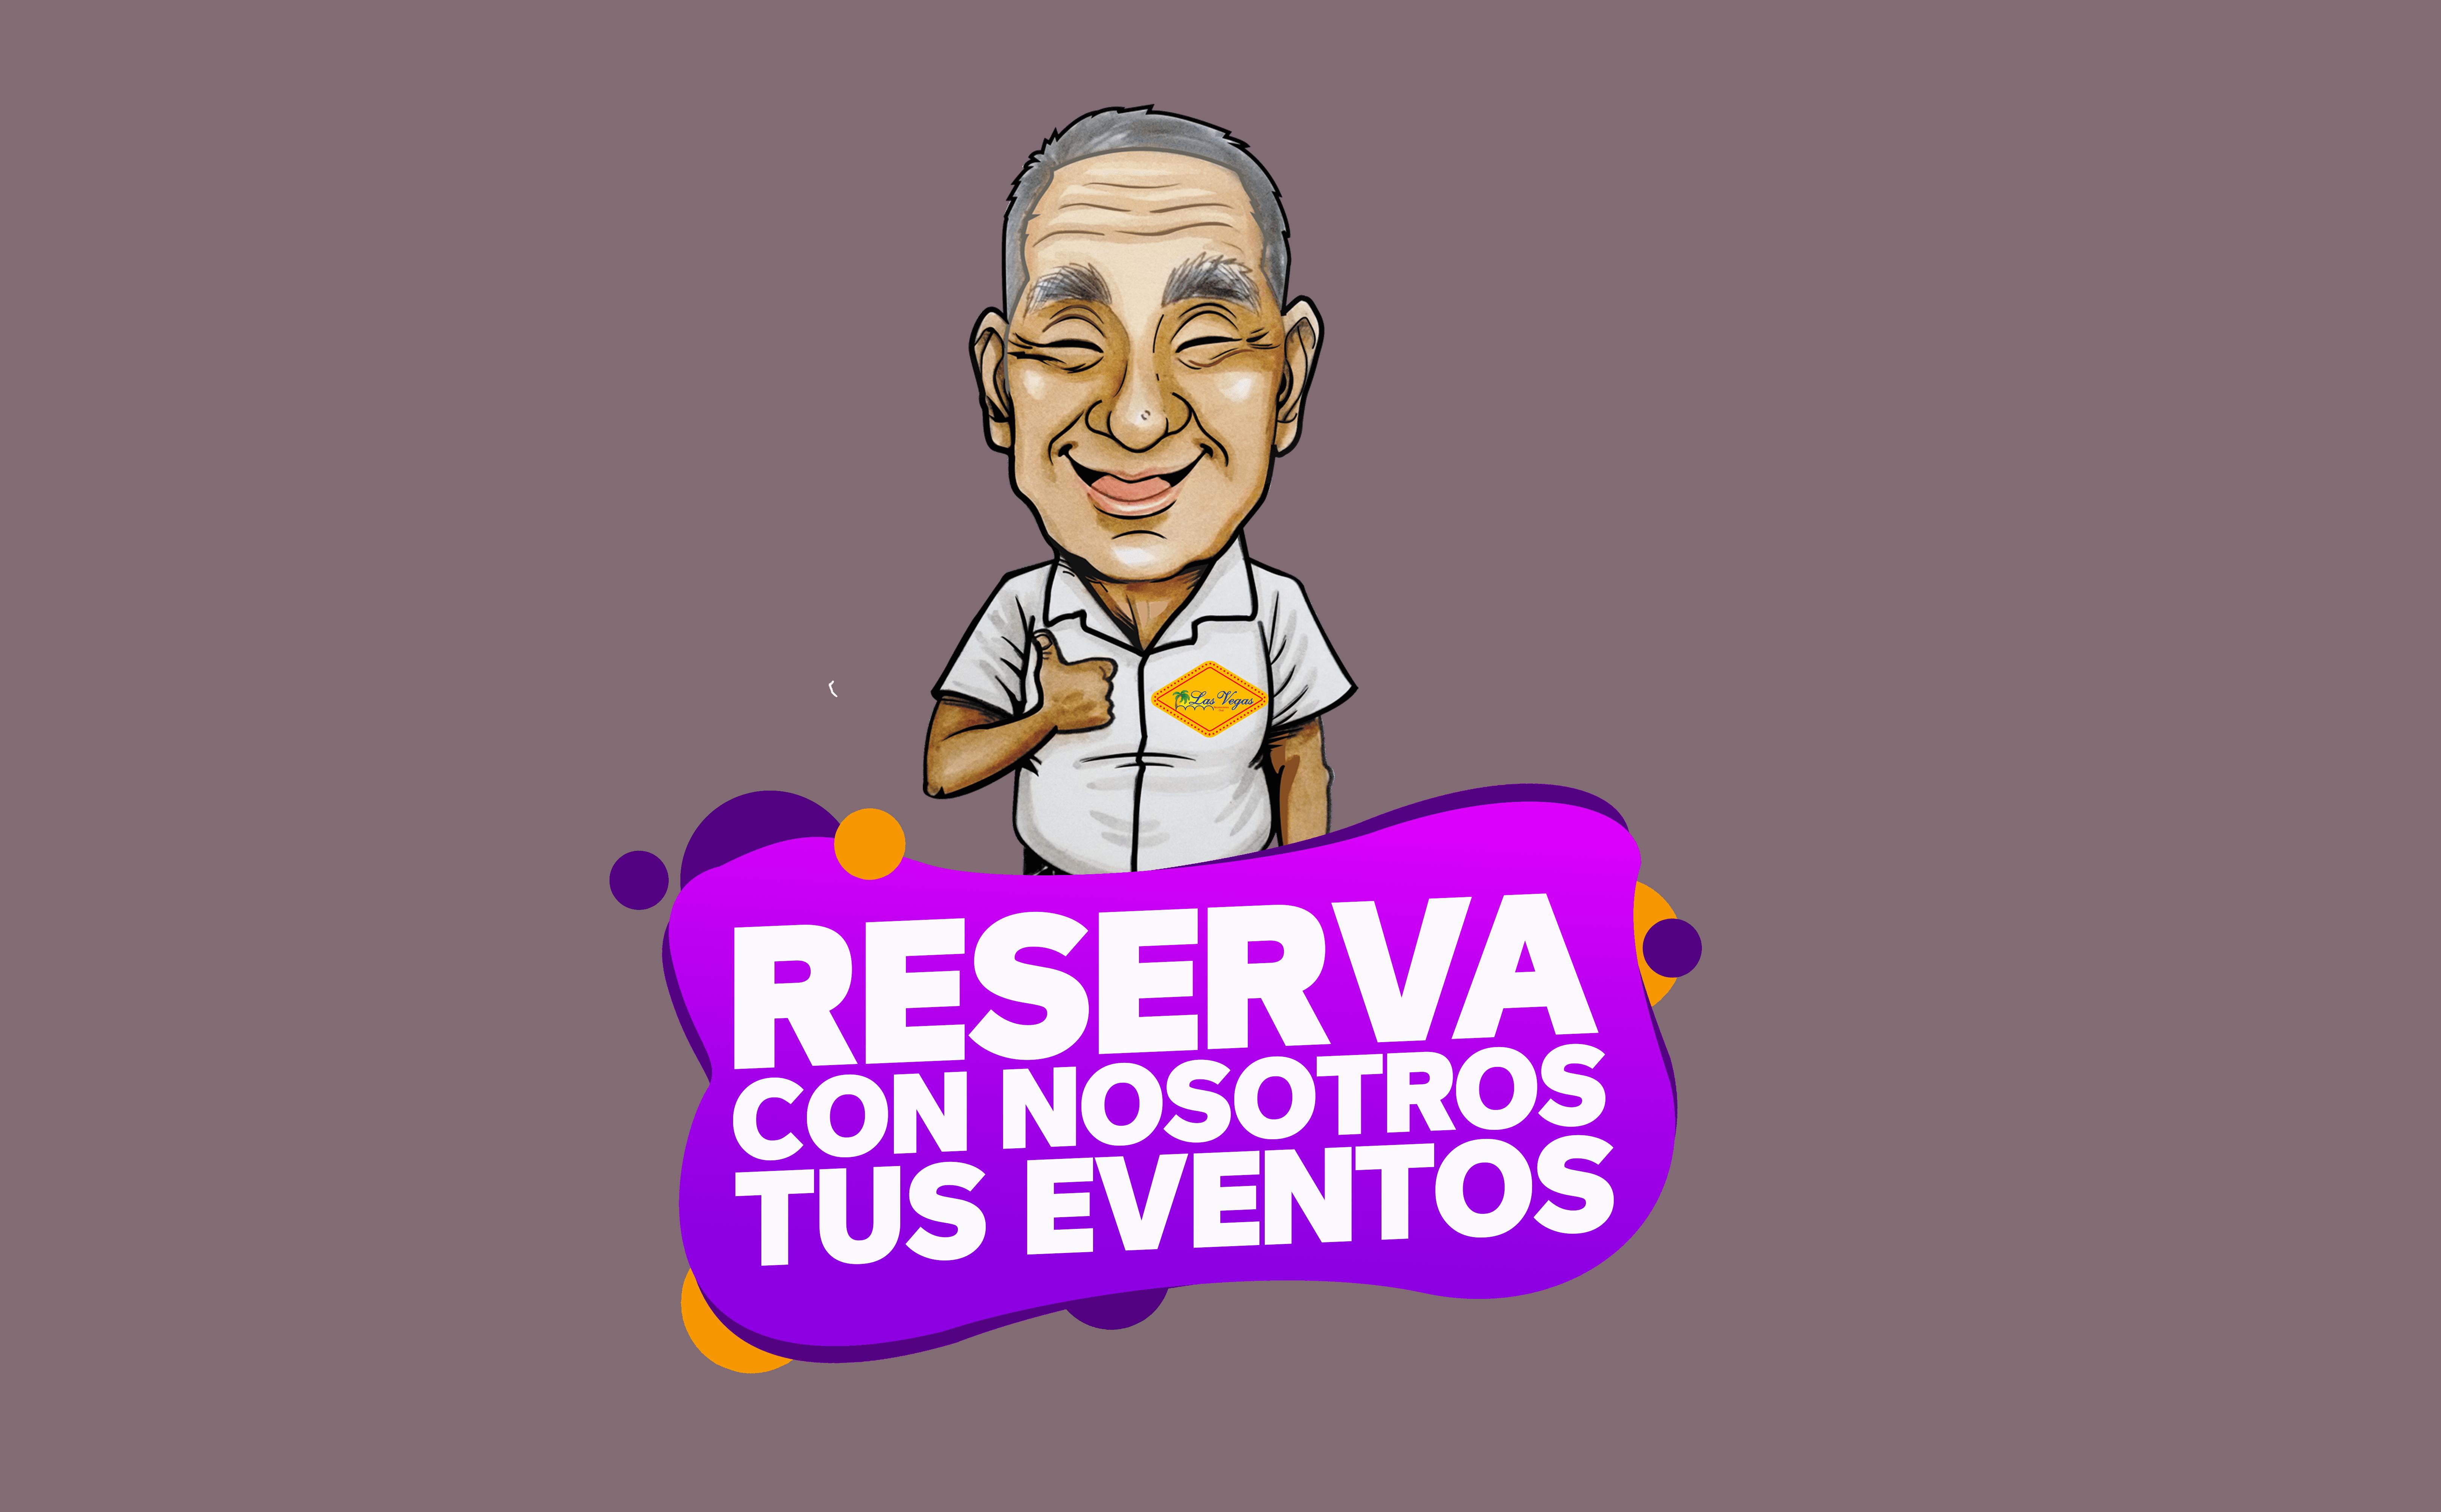 Reserva con nosotros tus eventos - Las Vegas Barranquilla